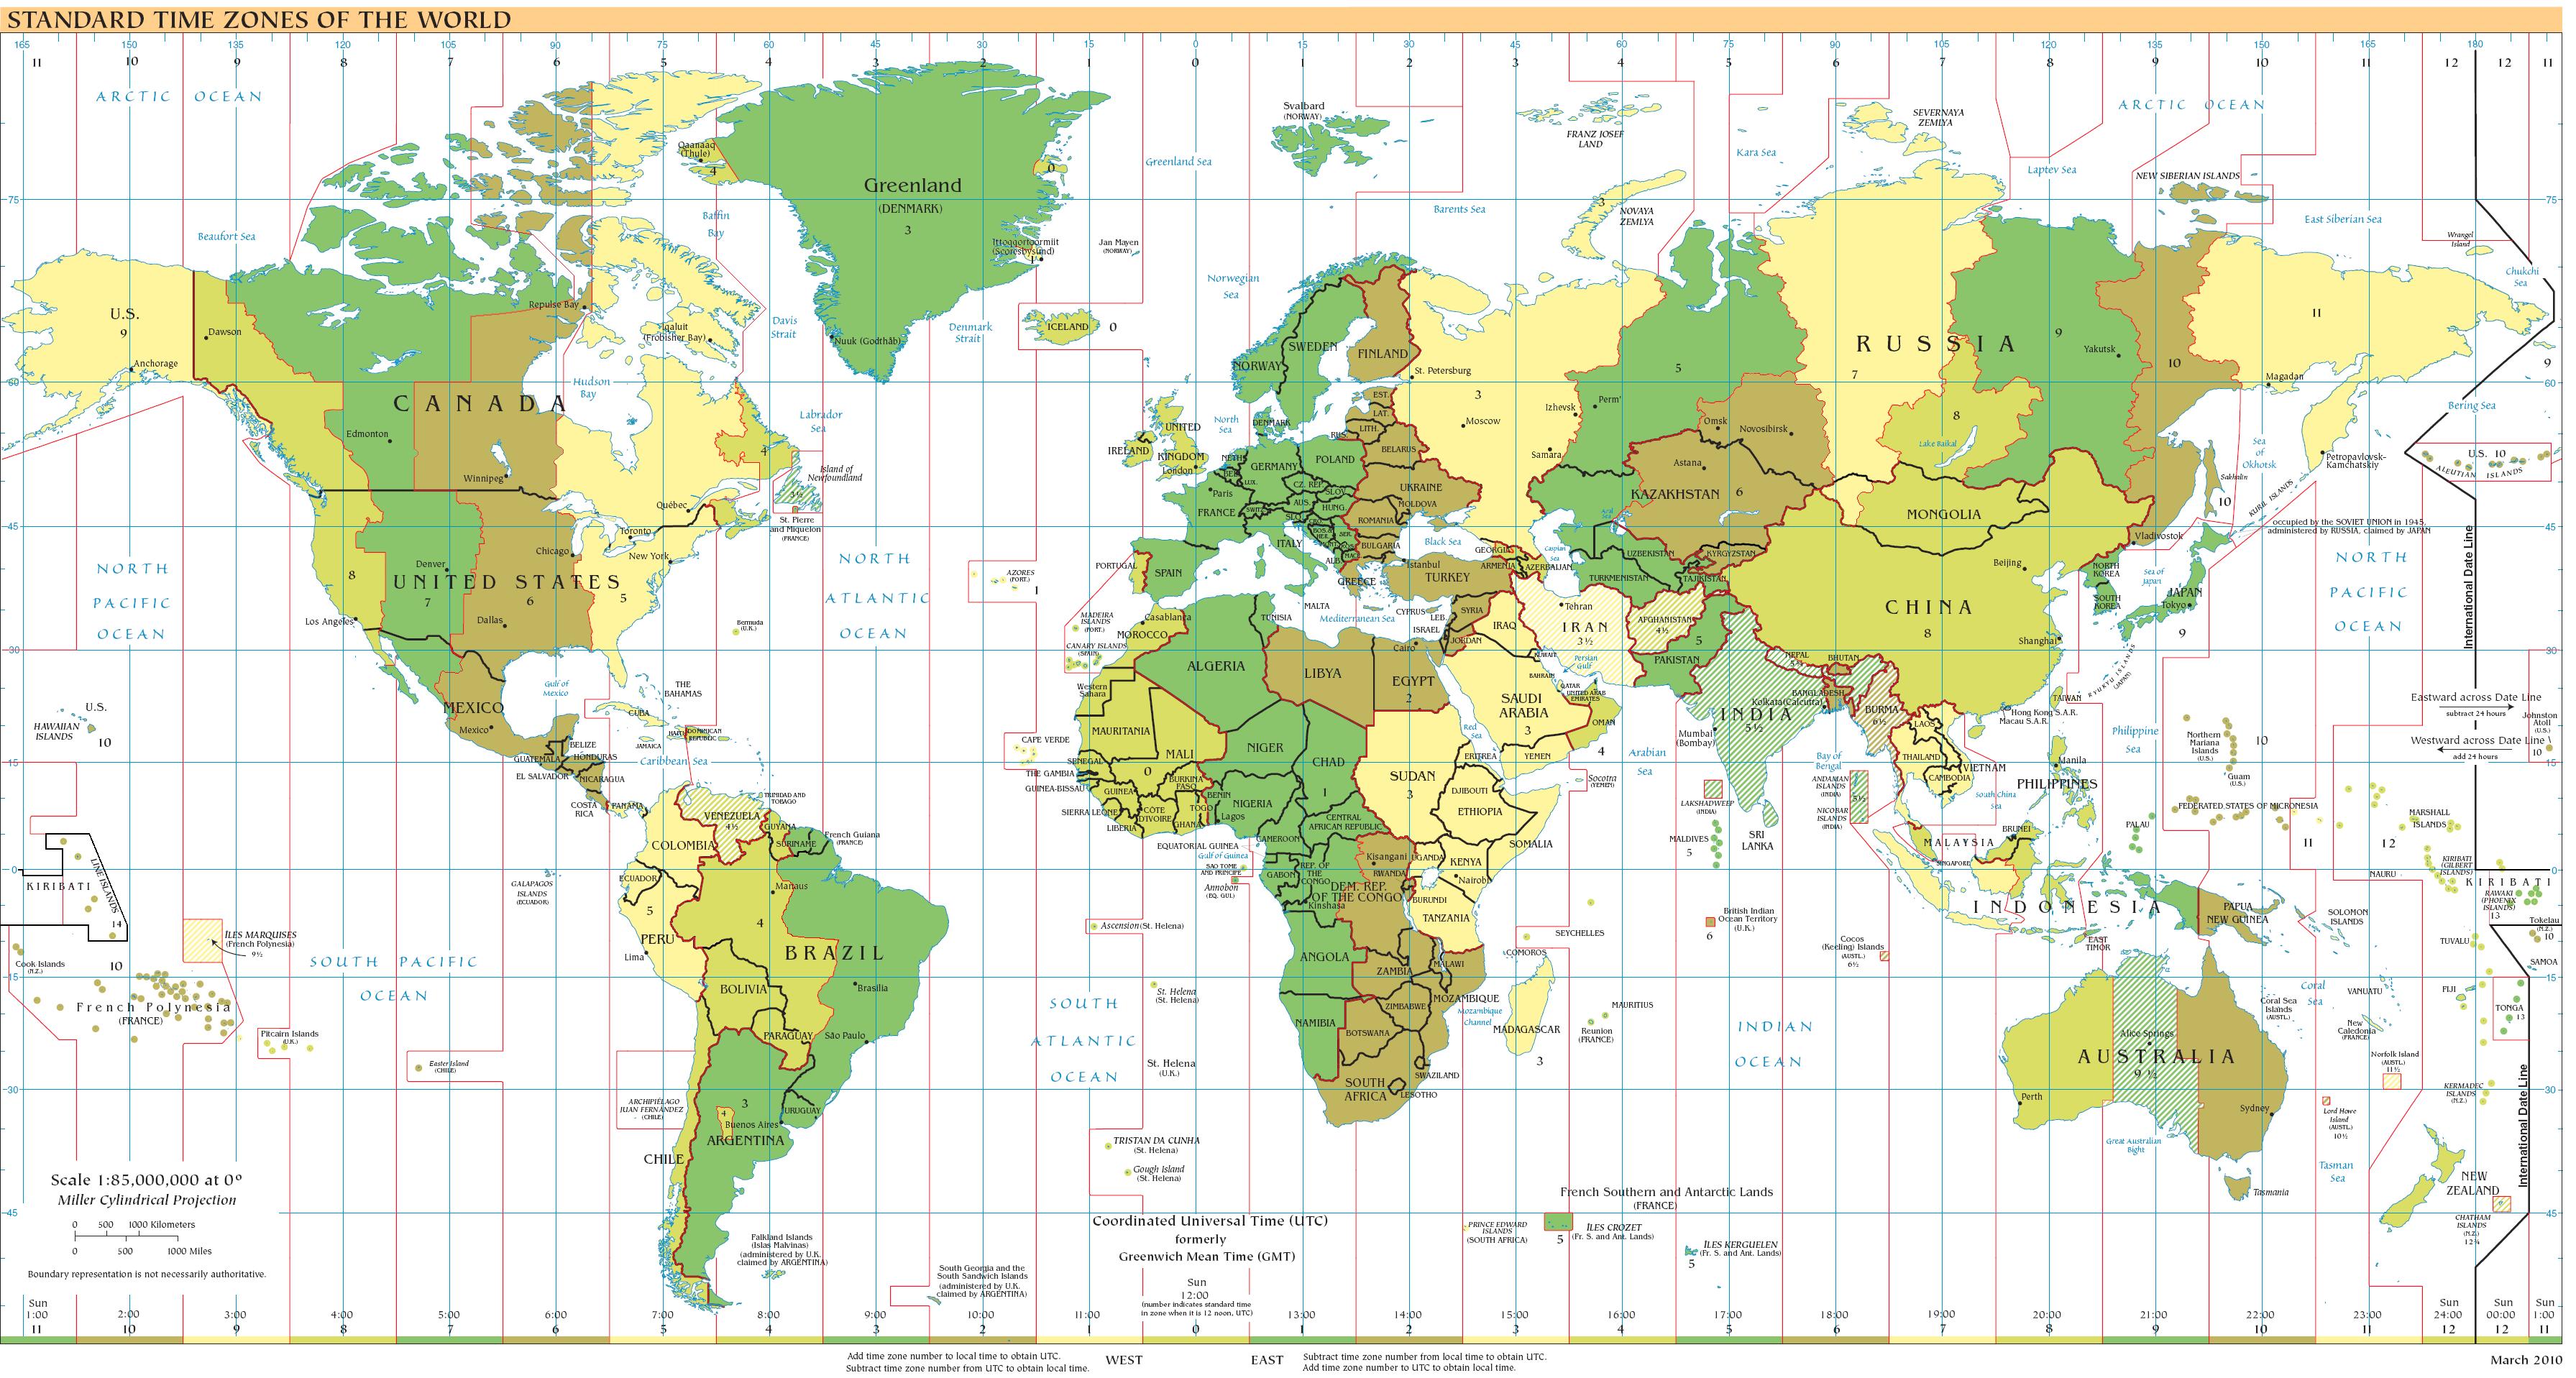 Karta Varlden Europa.Varldskarta Tidszoner Karta Over Varlden